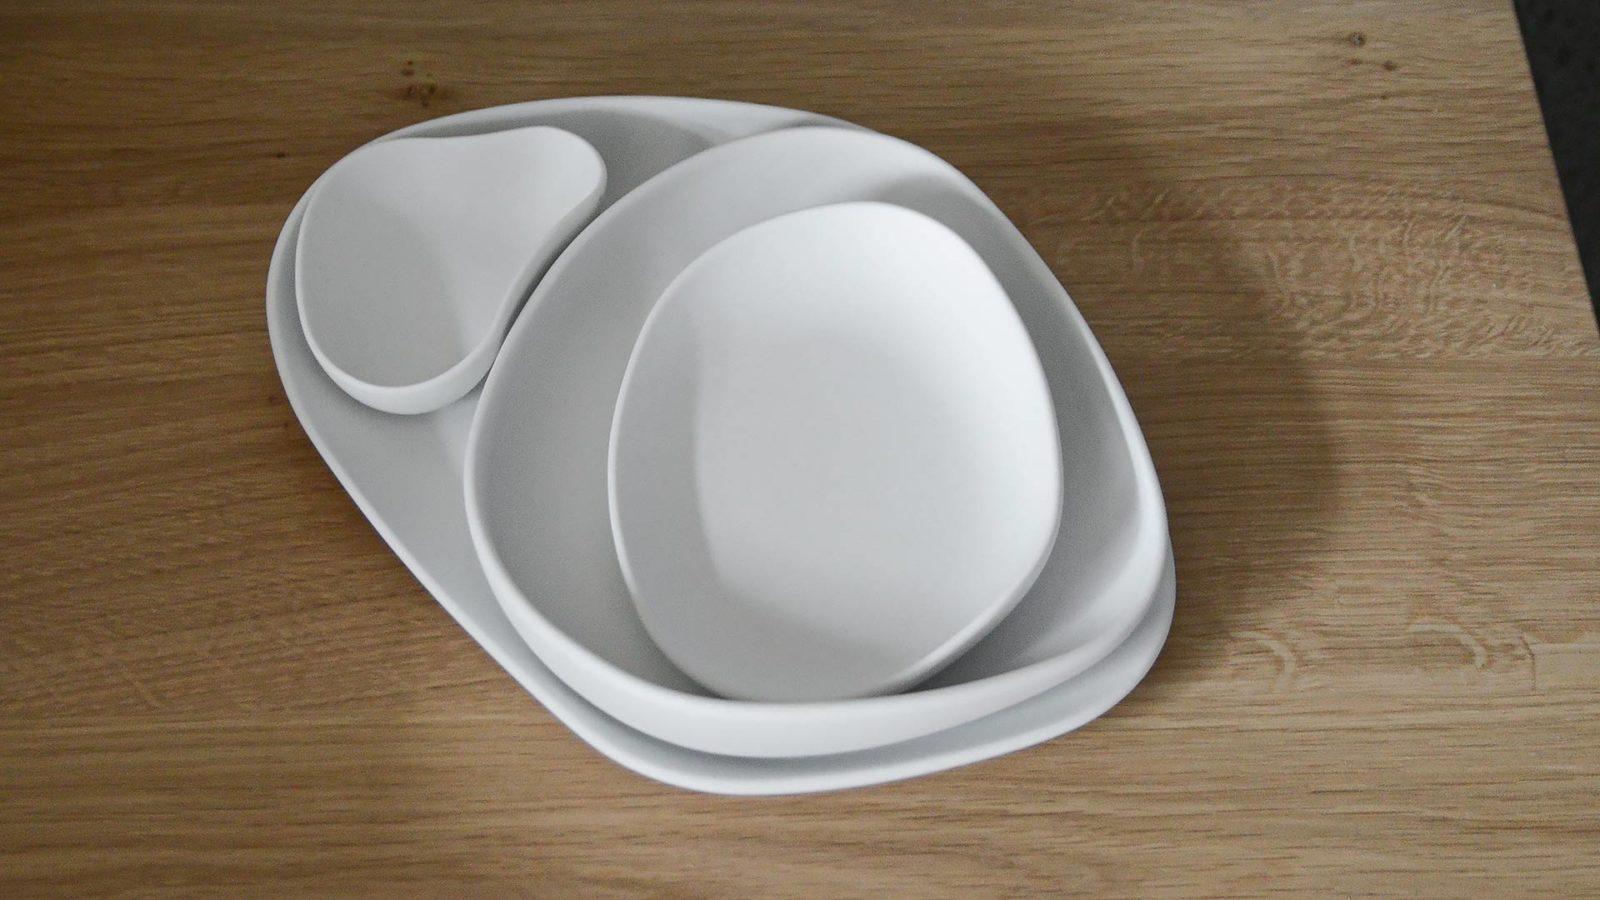 matt white porcelain tableware set